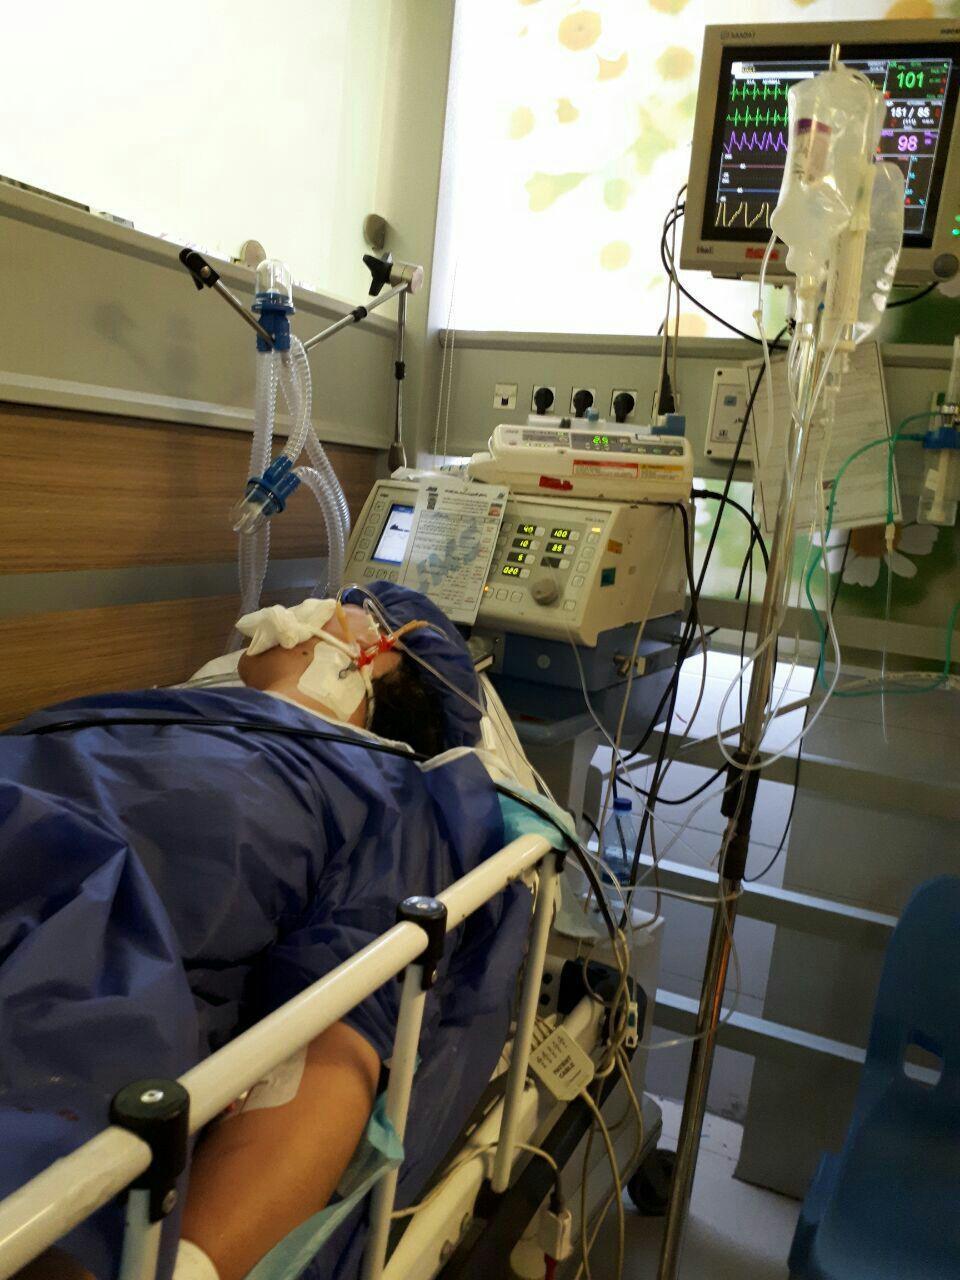 پایان زندگی یک مادر، آغاز دوباره زندگی برای ۶ بیمار نیازمند شد